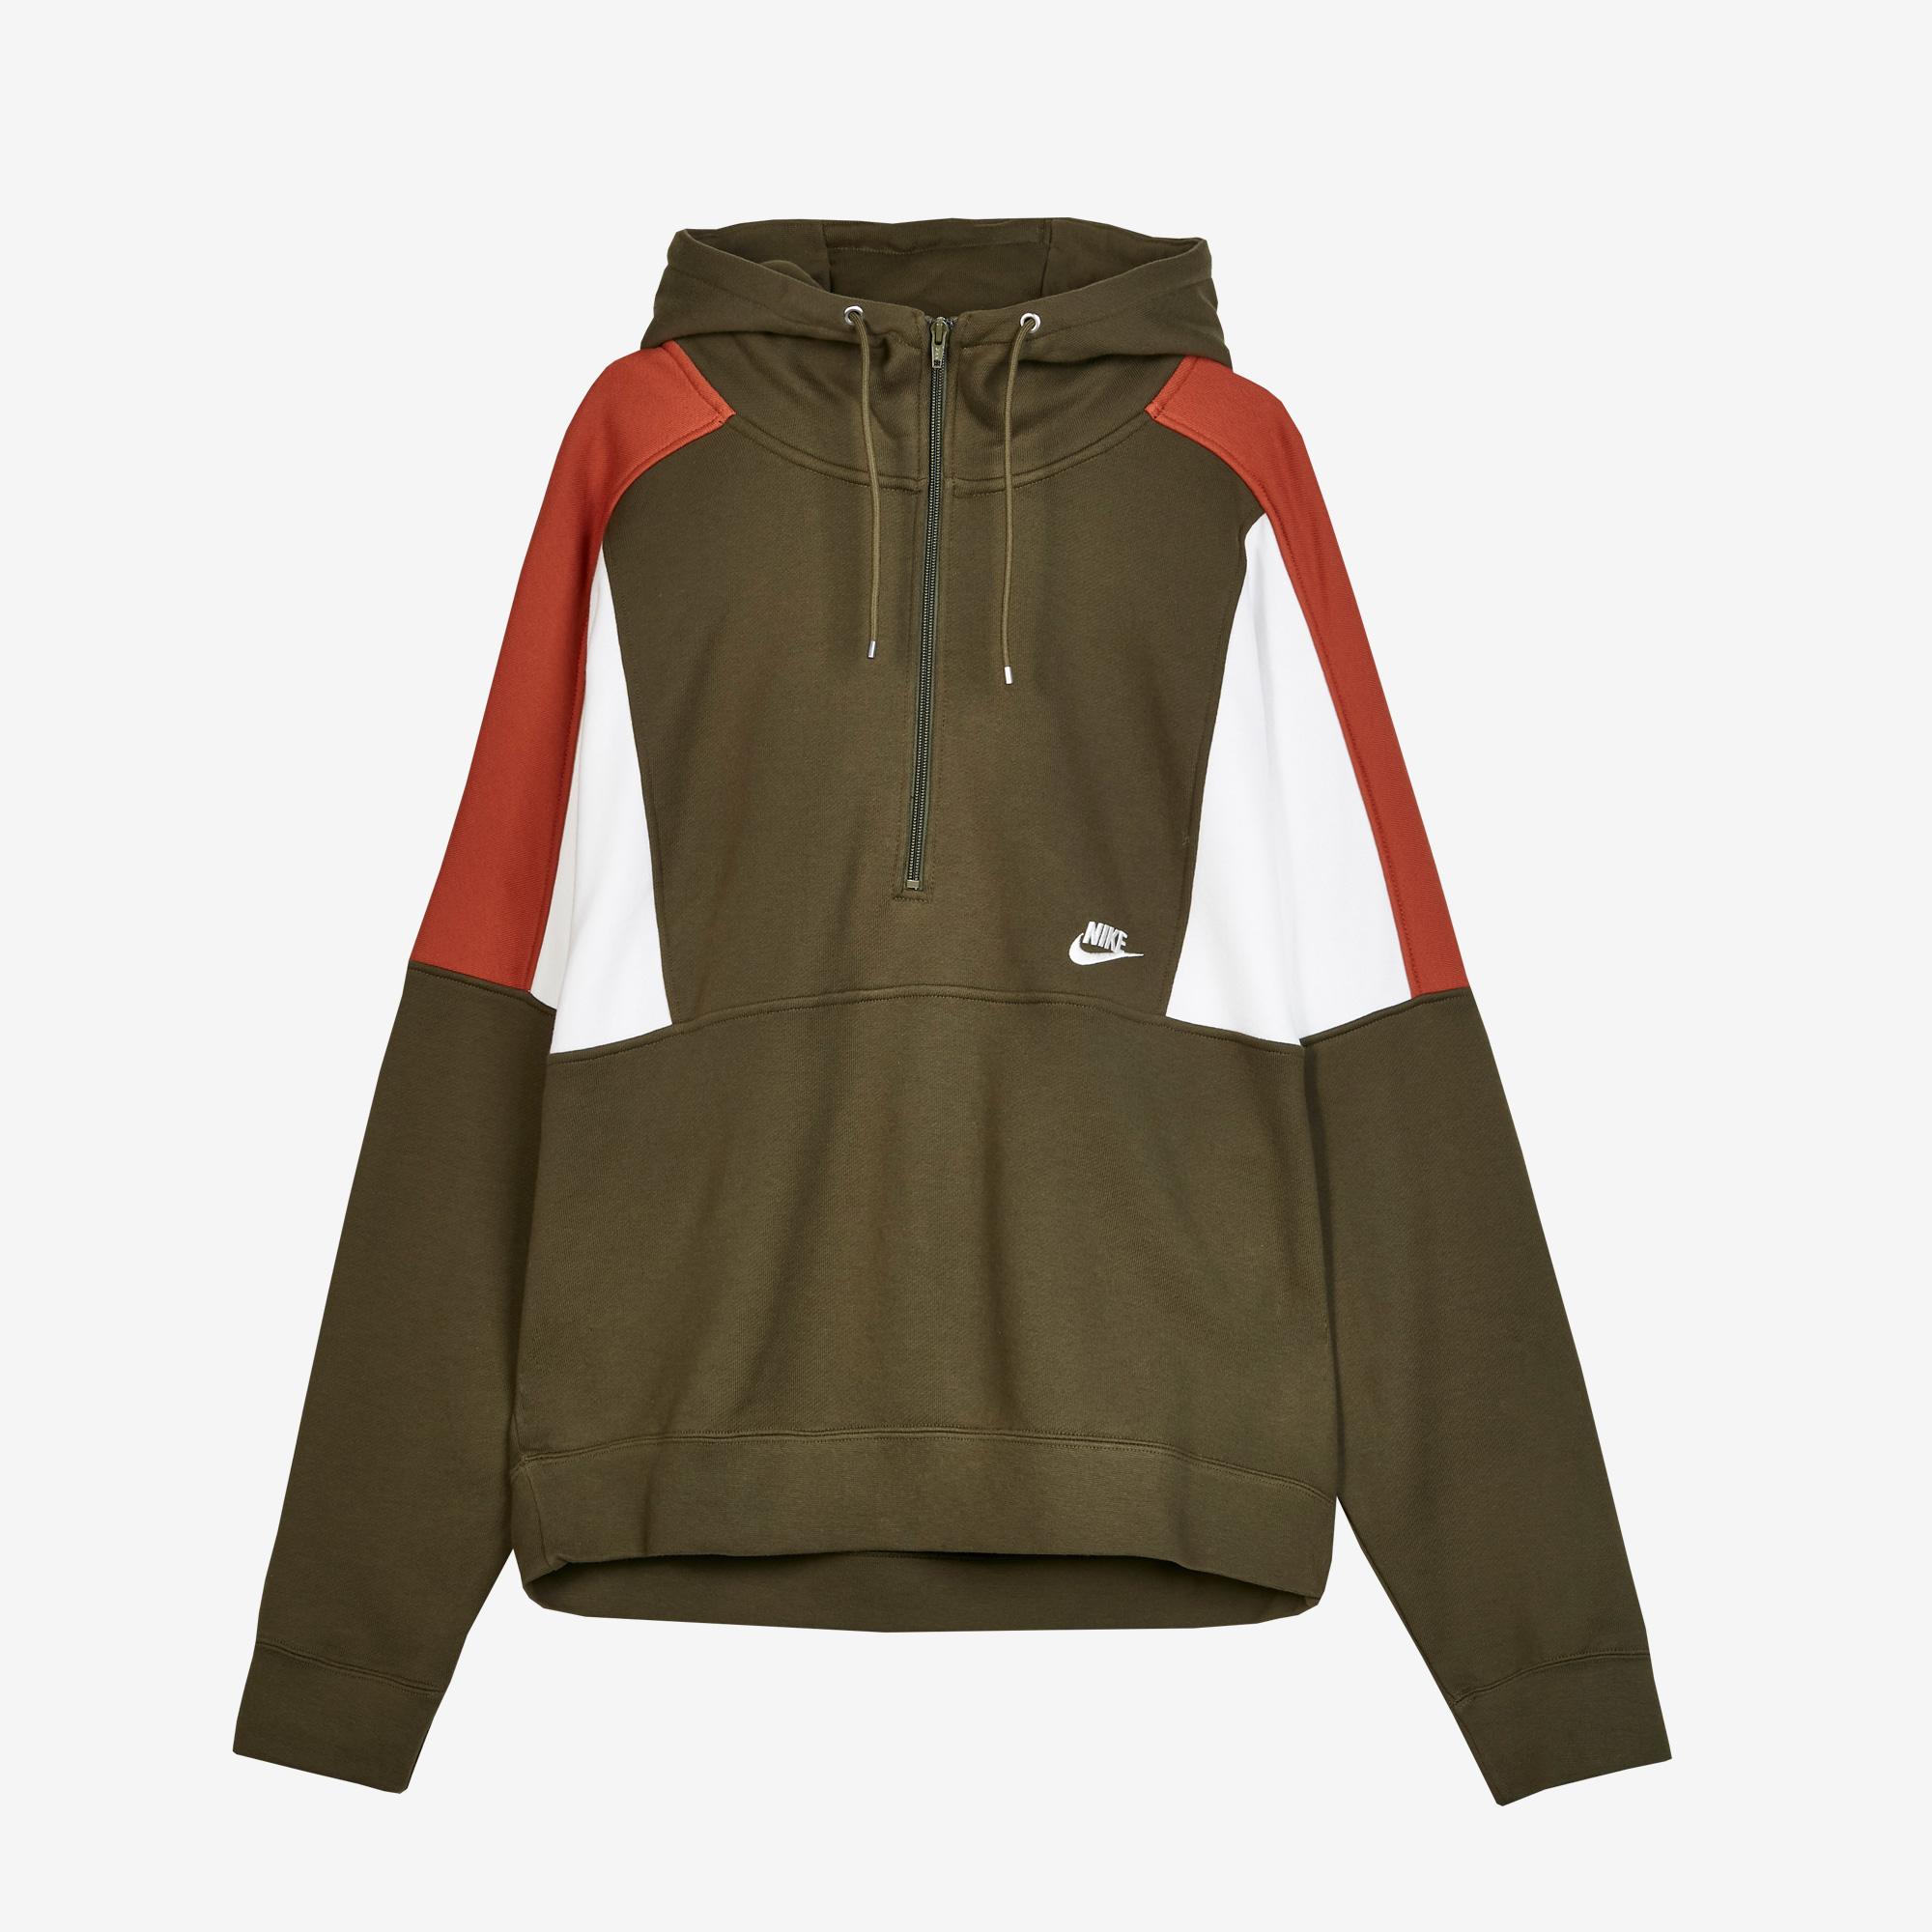 08a5b6c55417 Nike Half-Zip Fleece Hoodie - Aq2065-395 - Sneakersnstuff